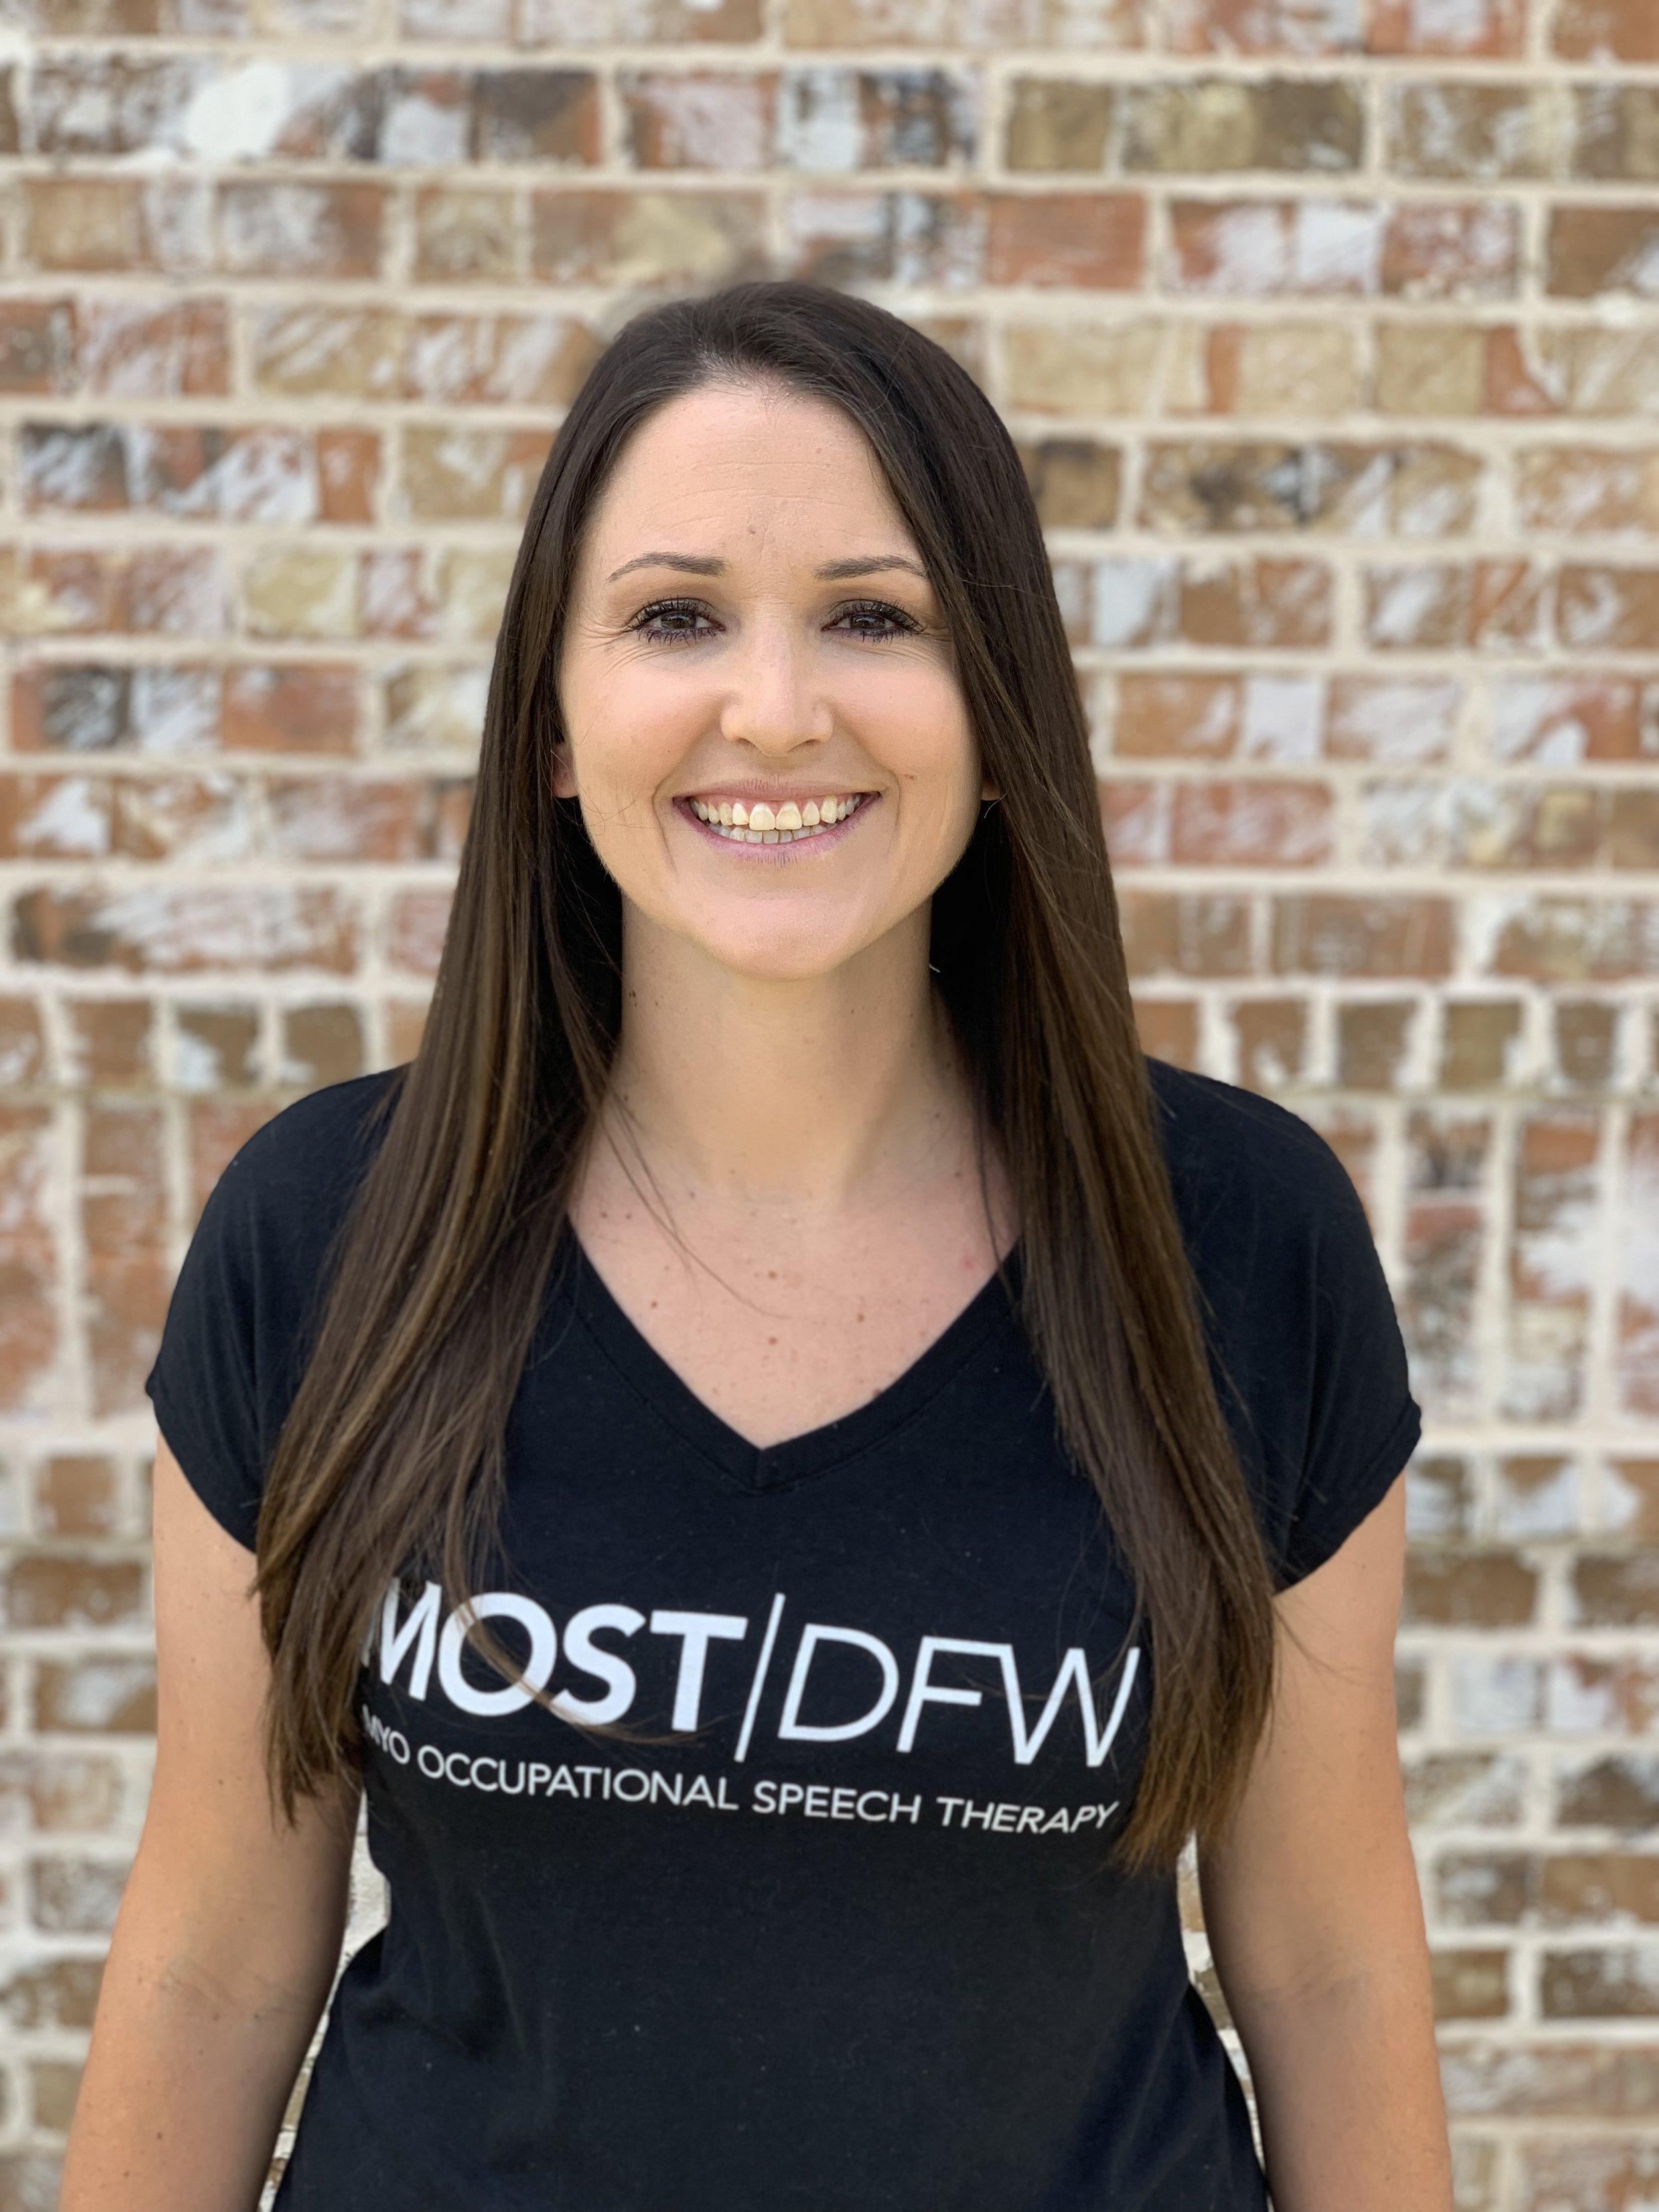 Kari Hudson, MS/CCC-SLP  khudson@mostdfw.com